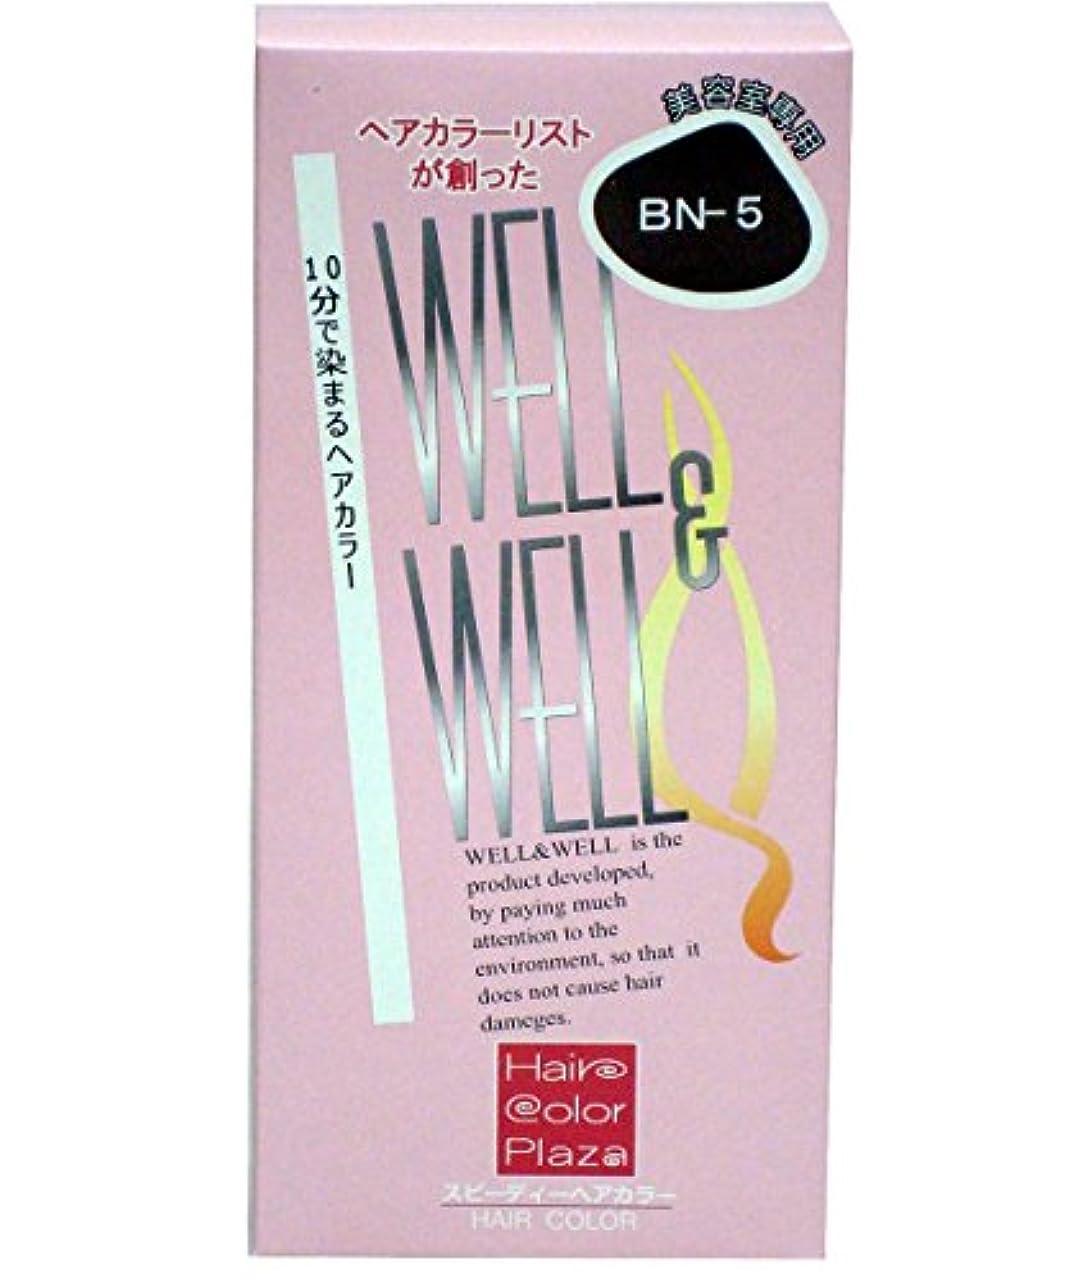 軍団クスクス凝縮する【美容室専用】 ウェル&ウェル スピーディヘアカラー ナチュラルブラウン BN-5